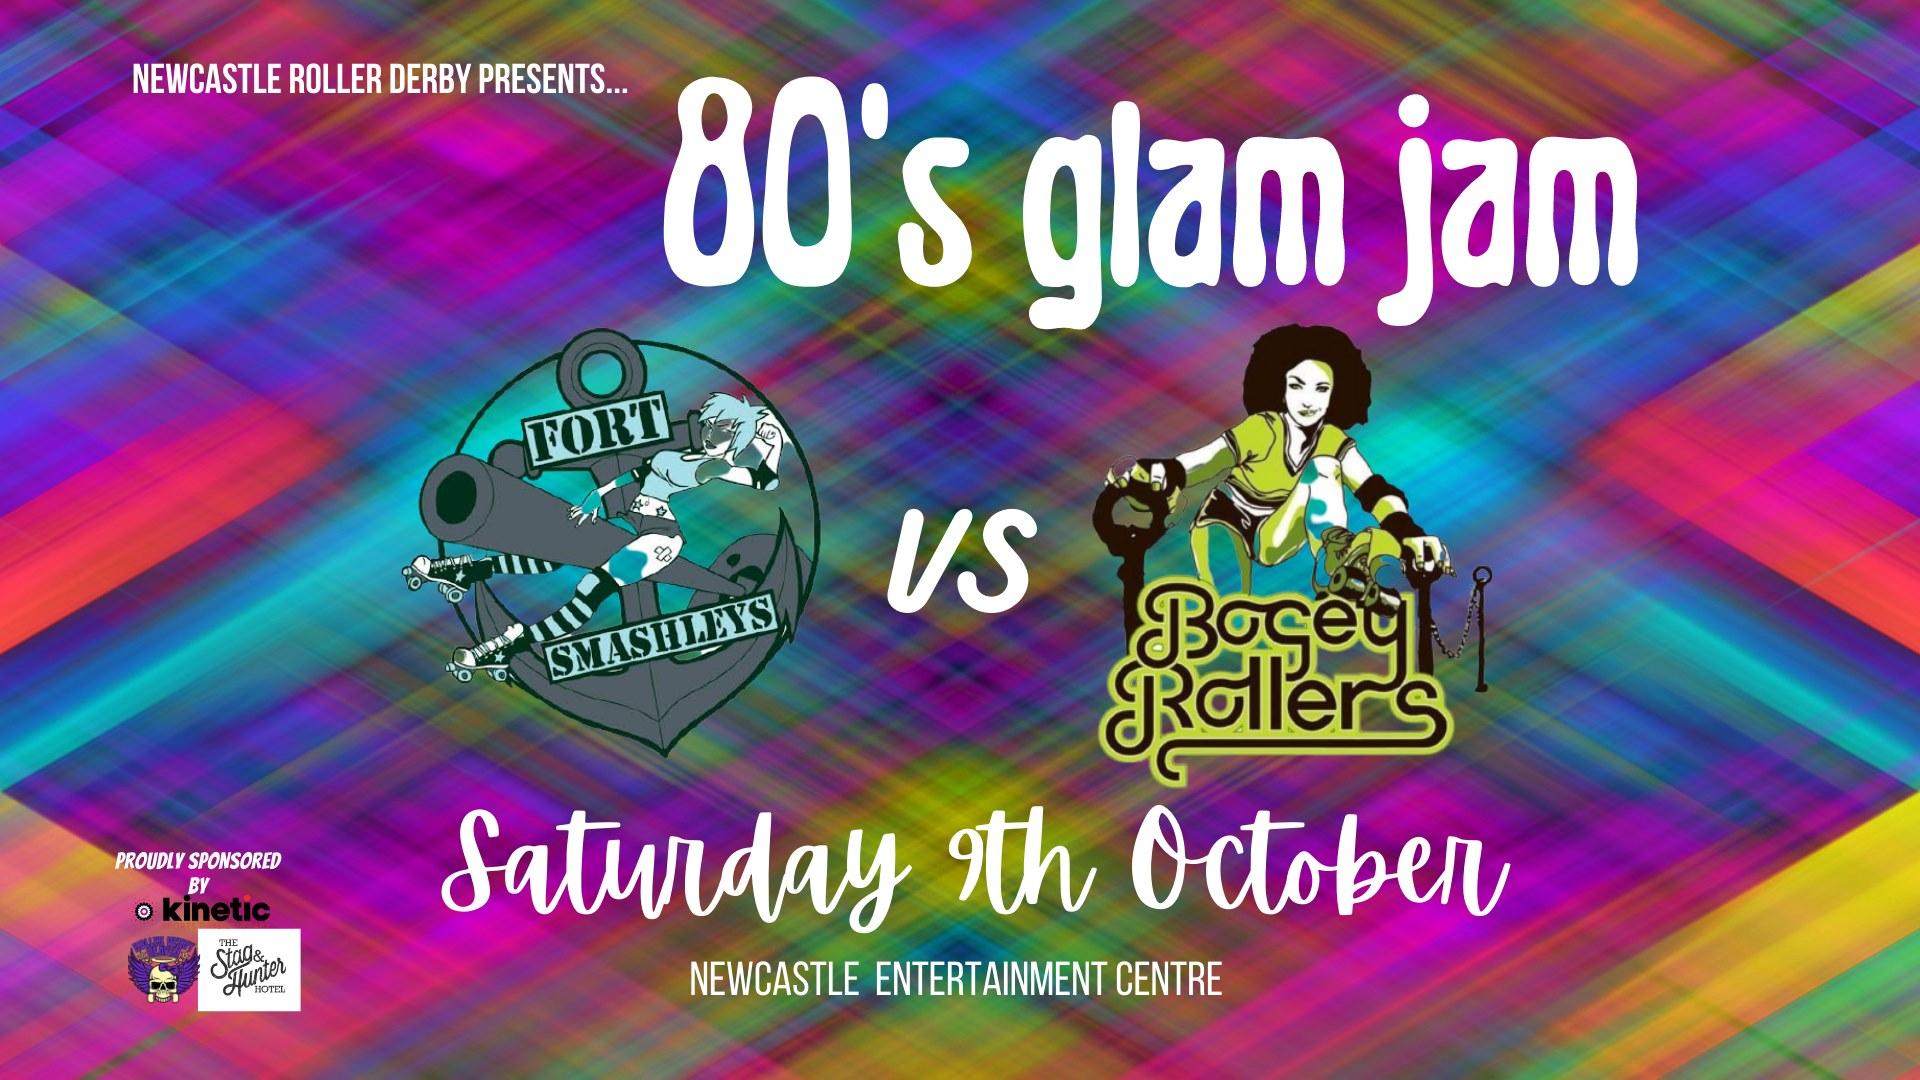 80's Glam Jam:  Smashleys vs Bogeys